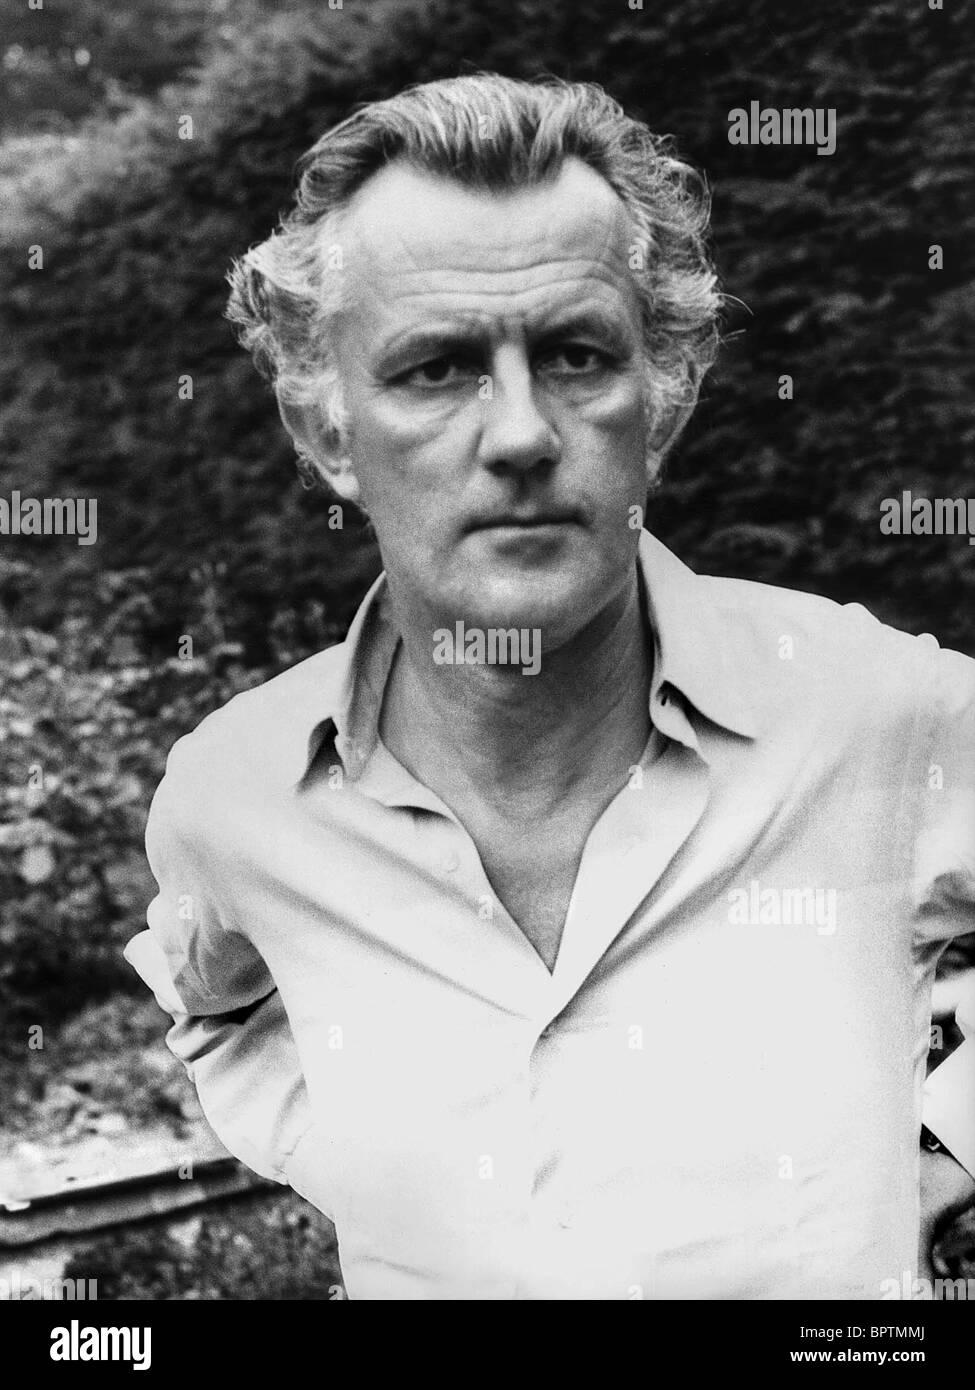 TONY RICHARDSON DIRECTOR (1974) - Stock Image